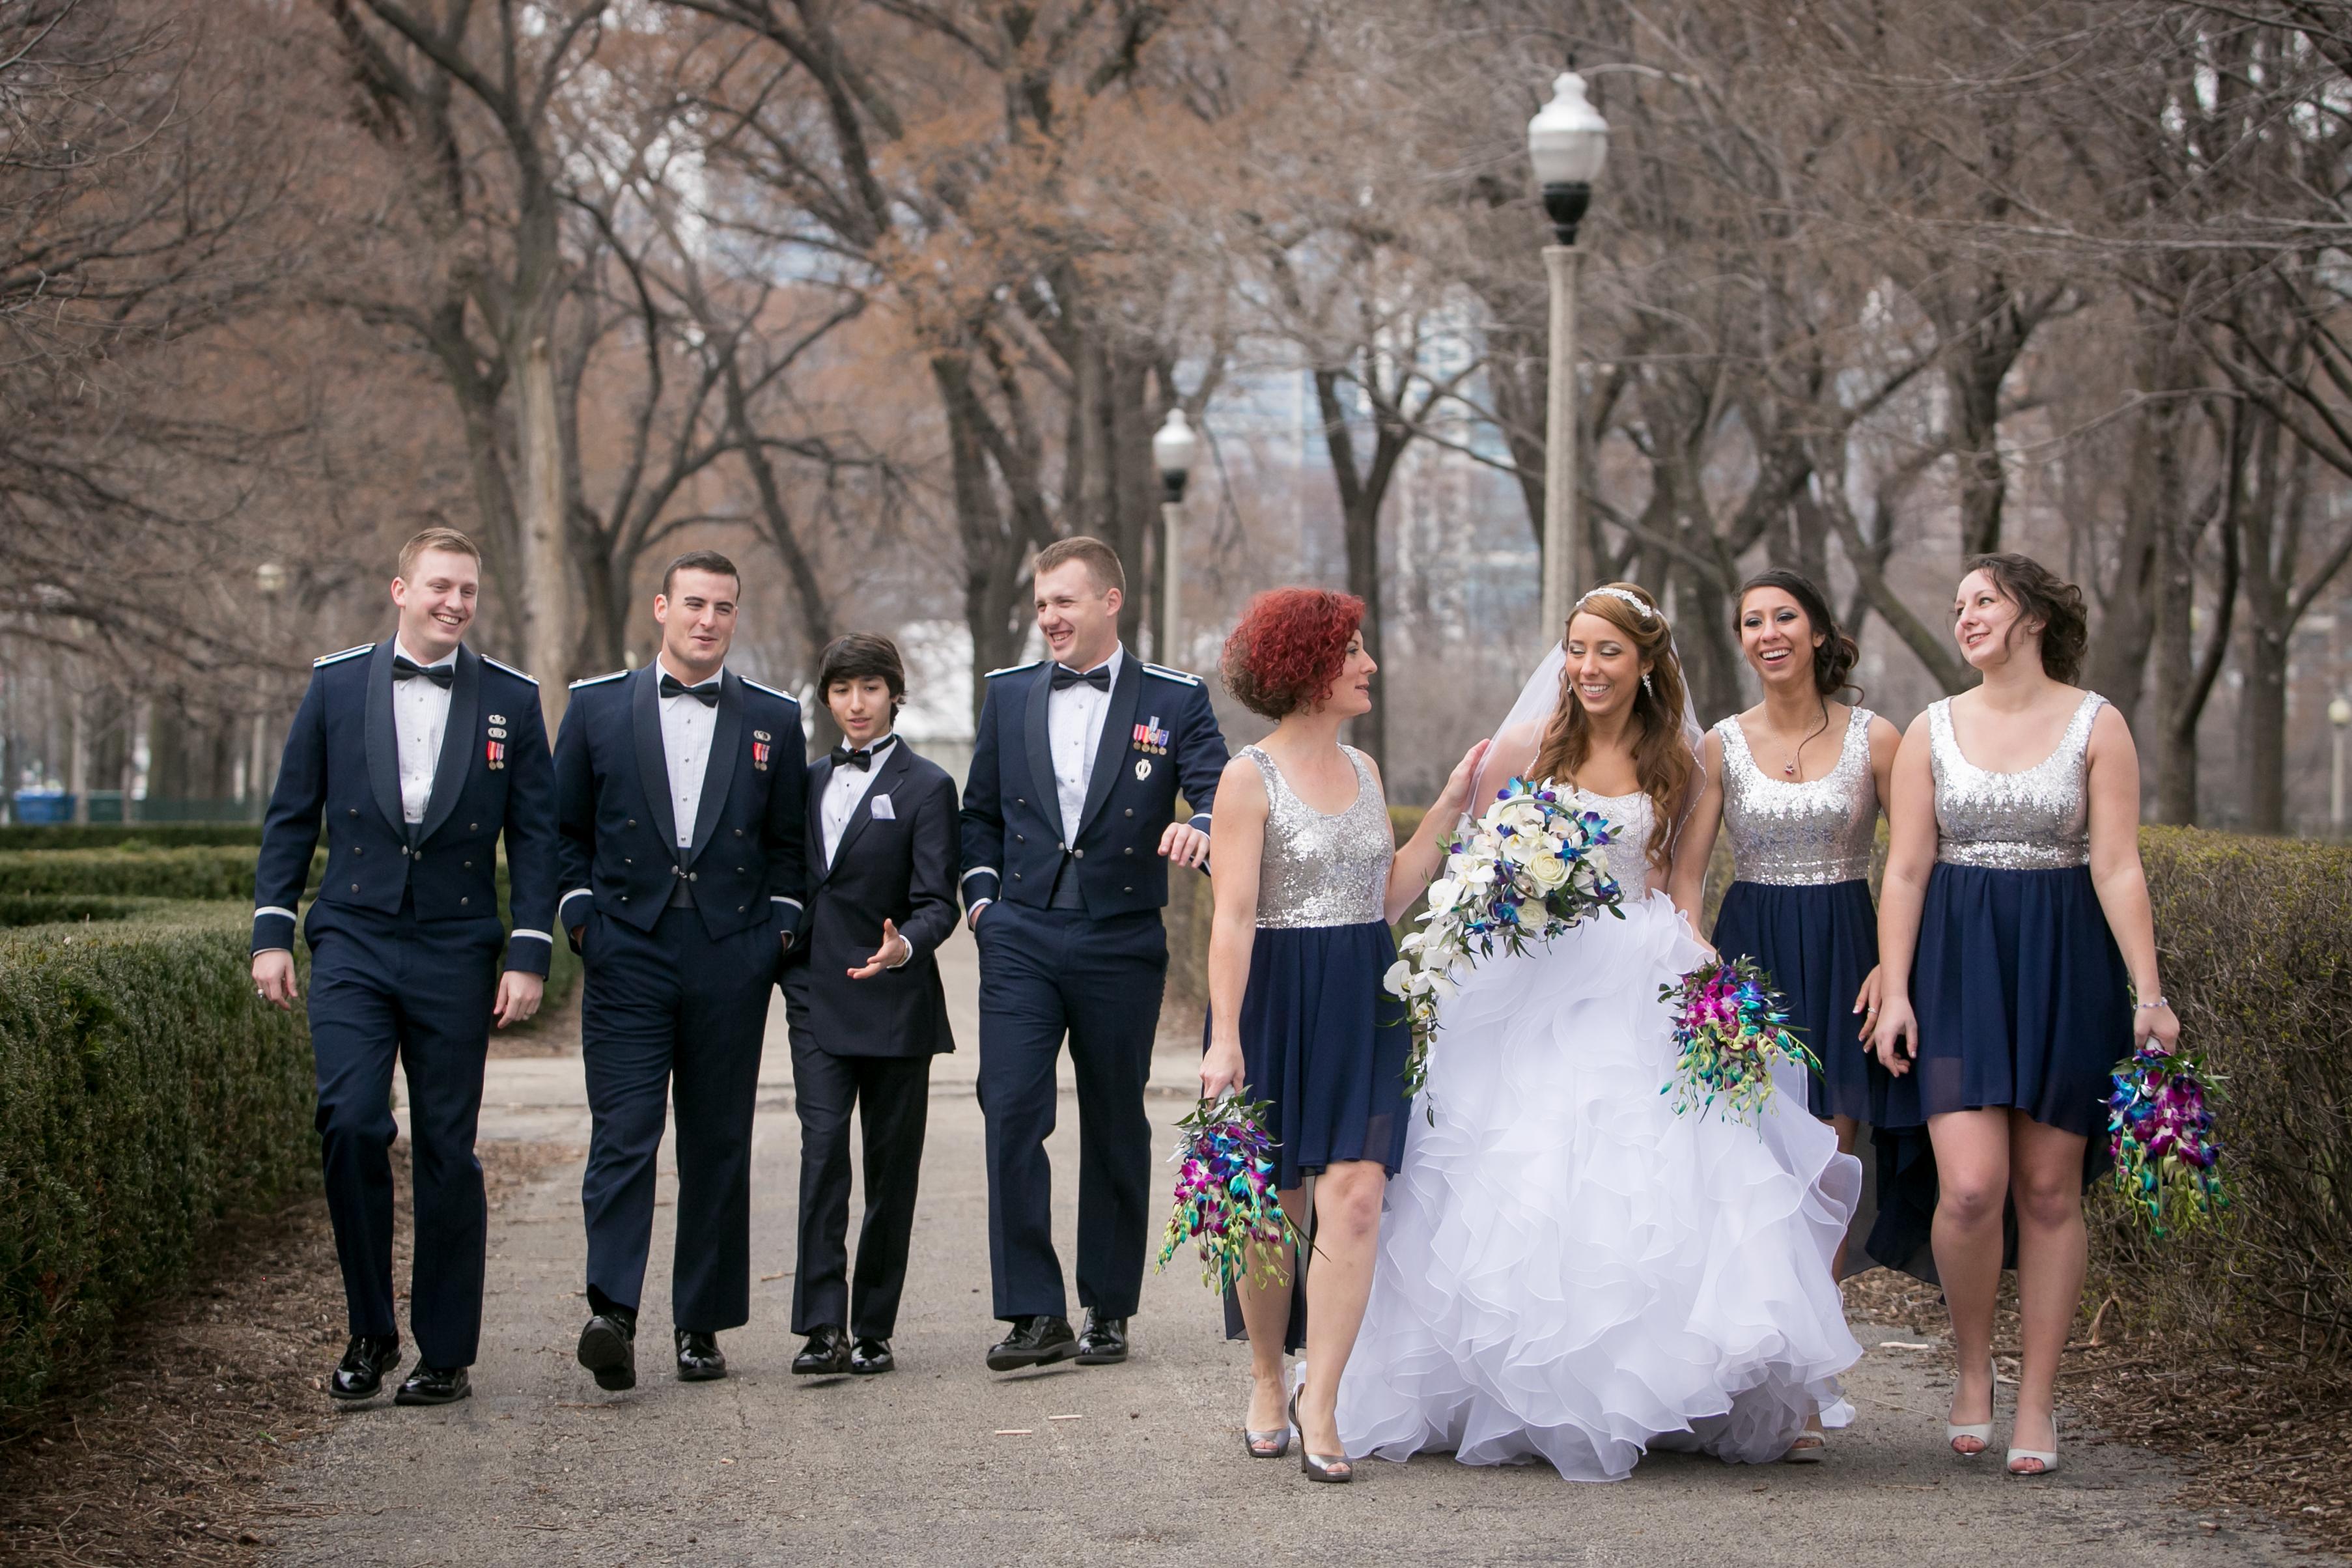 Wedding Party Walking Fun